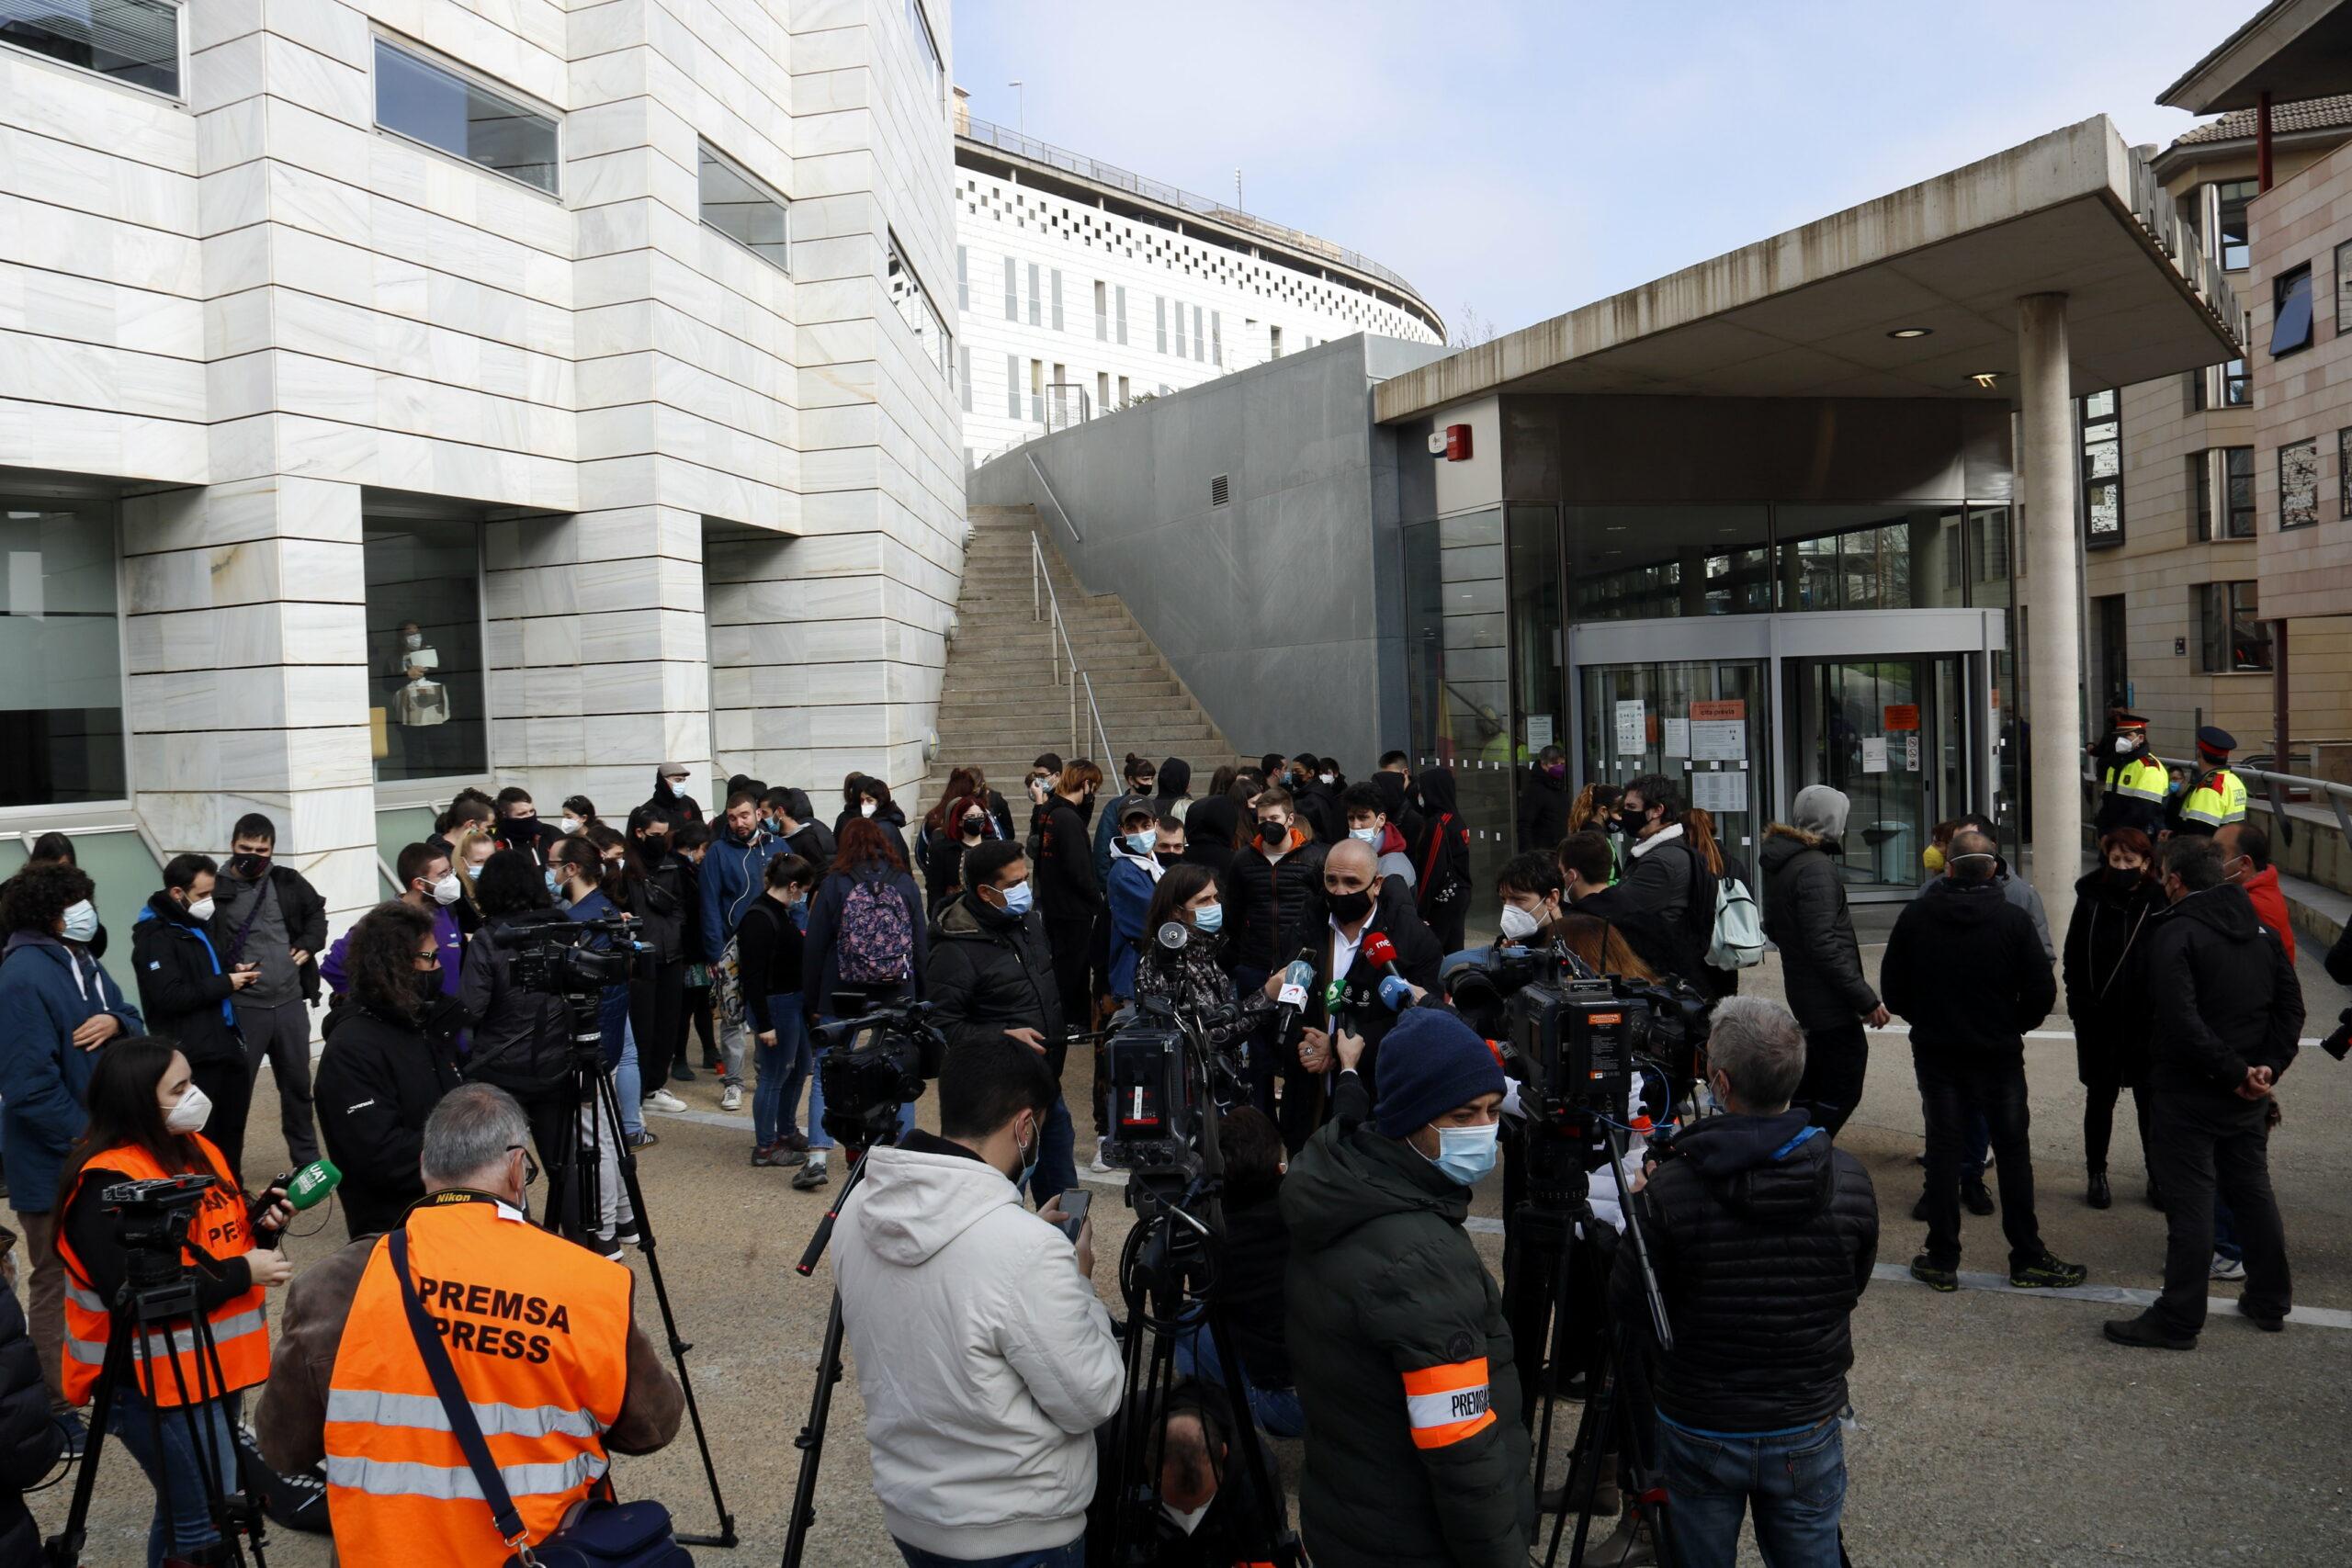 L'advocat dels detinguts a Lleida dimarts, Josep Maria Pocino, atenent els mitjans de comunicació davant dels jutjats de Lleida | ACN